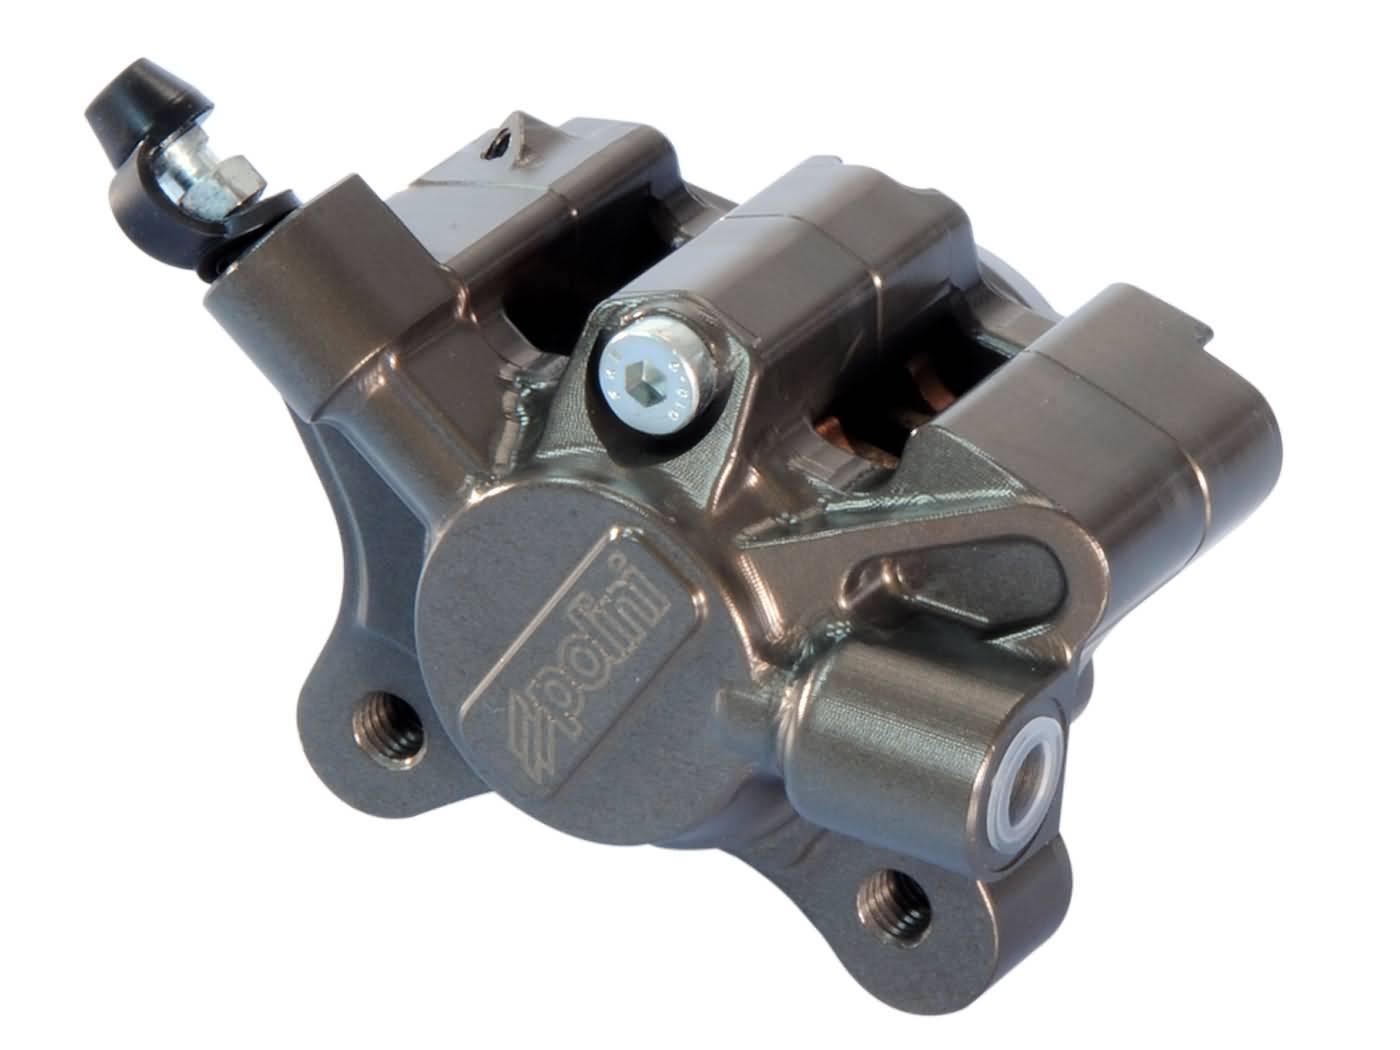 Bremszange Bremssattel Bremse vorne 32mm für Derbi Gilera Rieju Schaltmoped